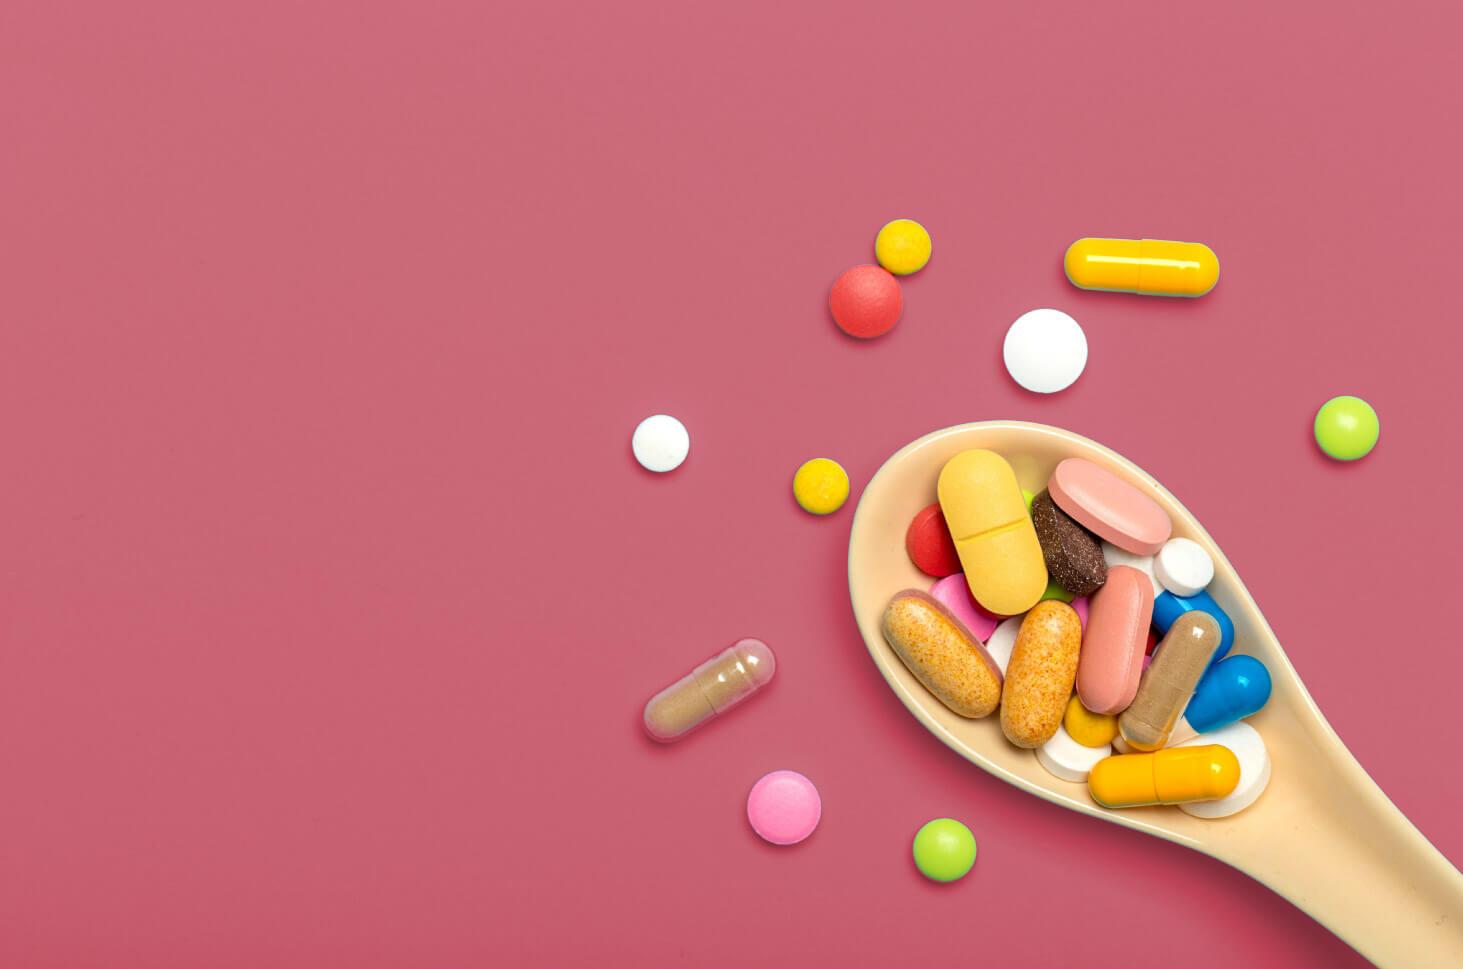 Hati-Hati, Jenis Obat Ini Bisa Menimbulkan Alergi